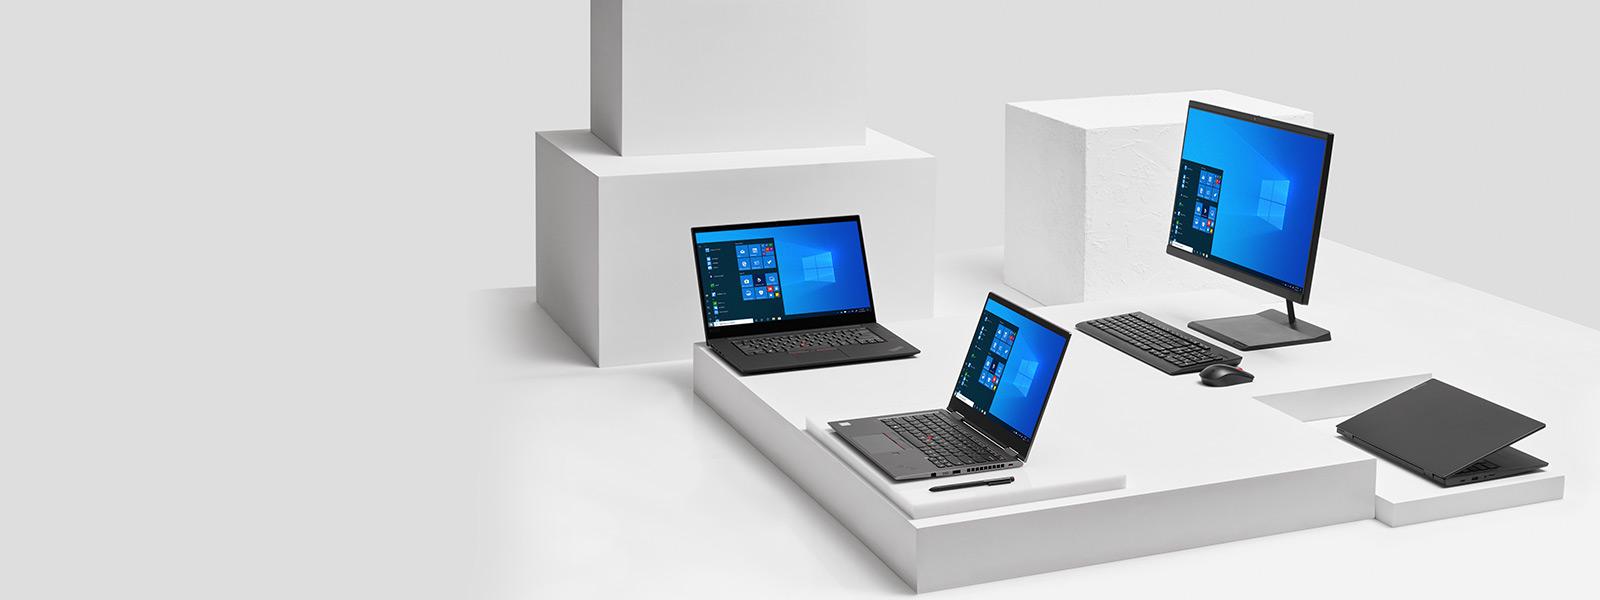 Семейство устройств Lenovo с изображением на дисплеях начальных экранов Windows 10 Pro